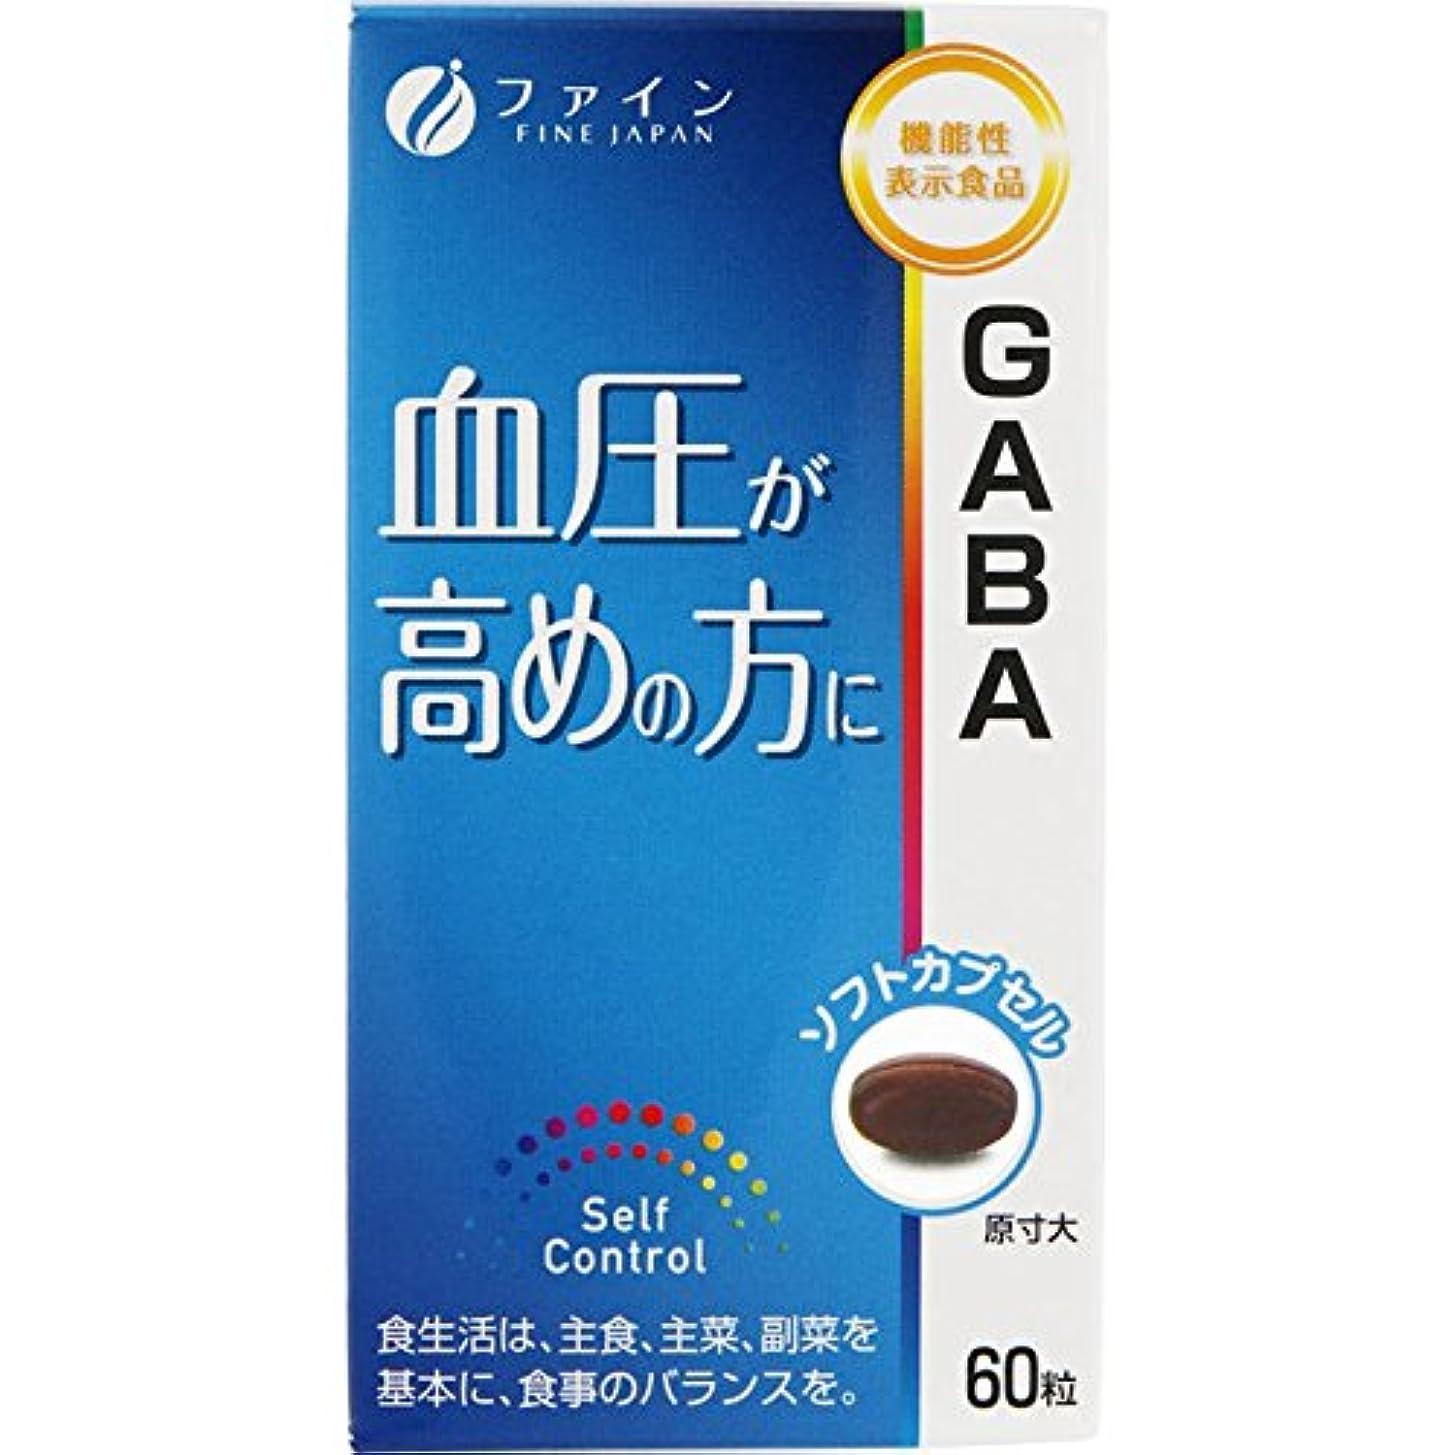 ピルファーストラップ強化するファイン 機能性表示食品 GABA 30日分(60粒) EPA DHA 配合